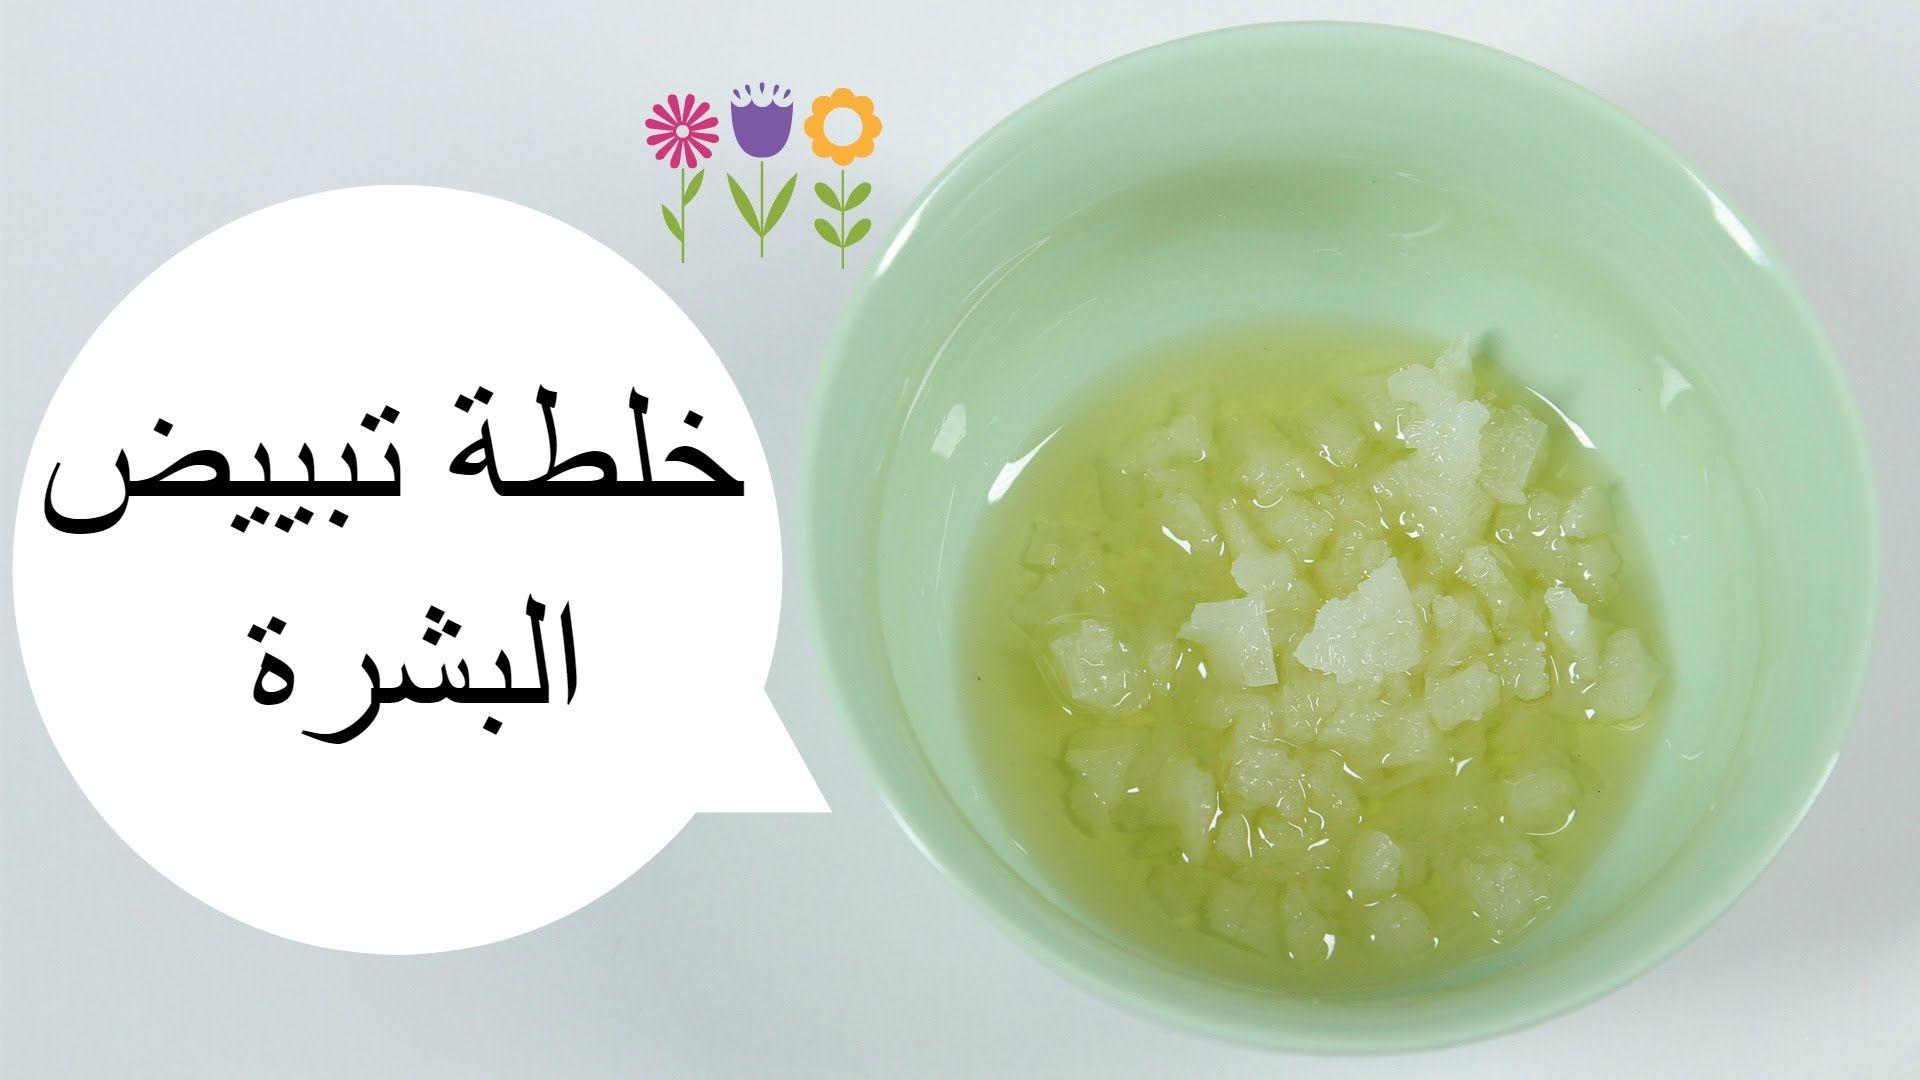 أناقة مغربية وصفة خطيرة كتبيض الوجه كترجعو بحال البلارة وبمكونات اقتصادية Blog Tableware Blog Posts